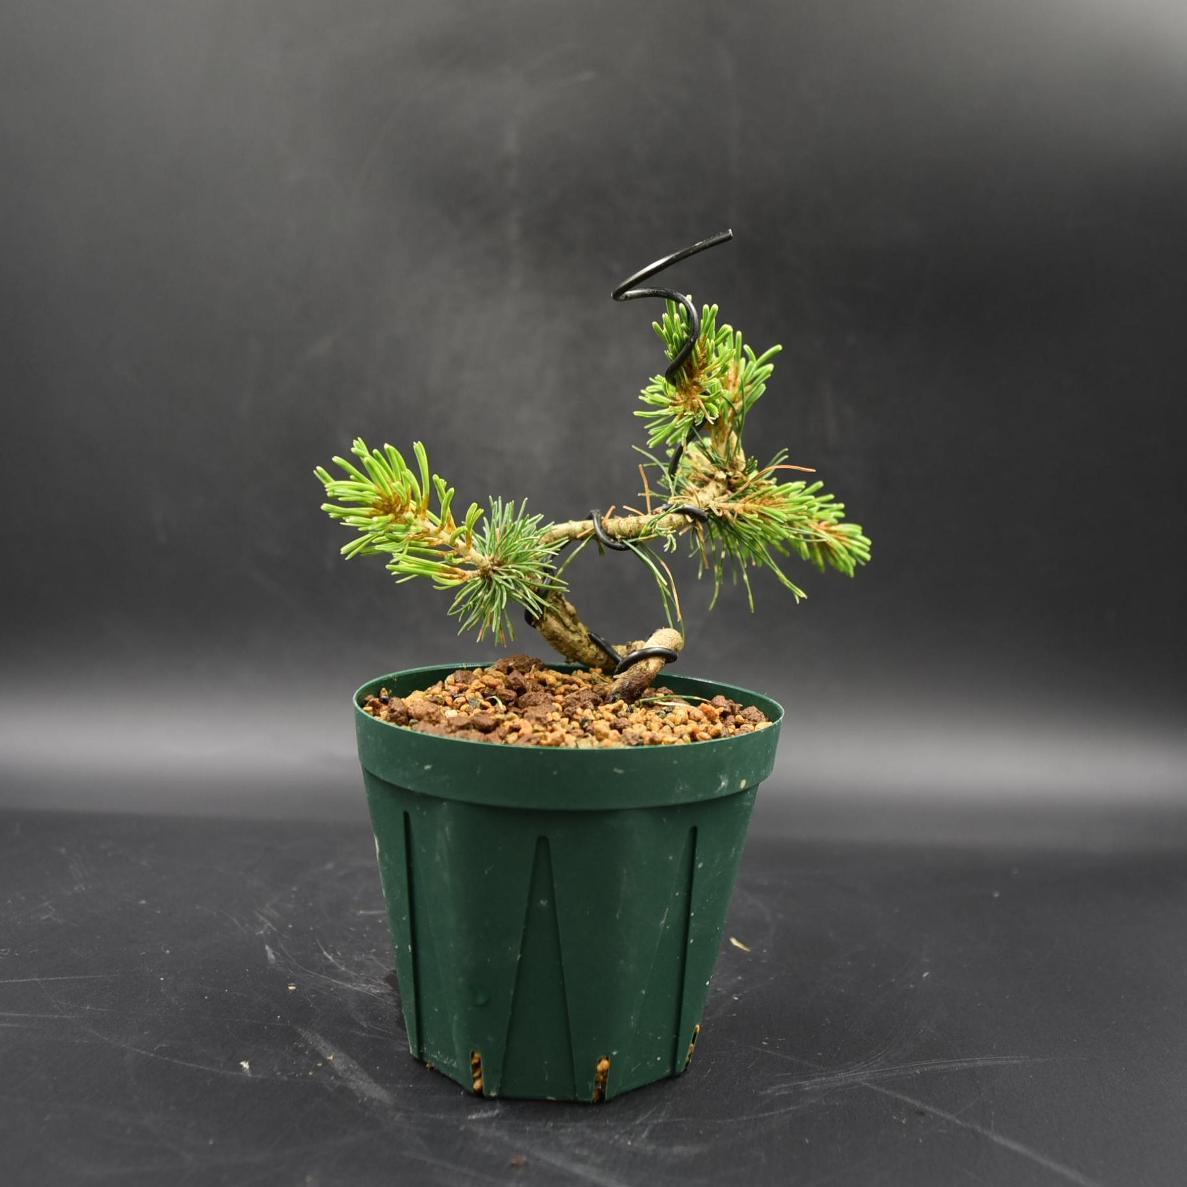 斑入り五葉松 【花火】 ミニ盆栽素材 数量物 樹形色々 樹高9cm #619_画像4